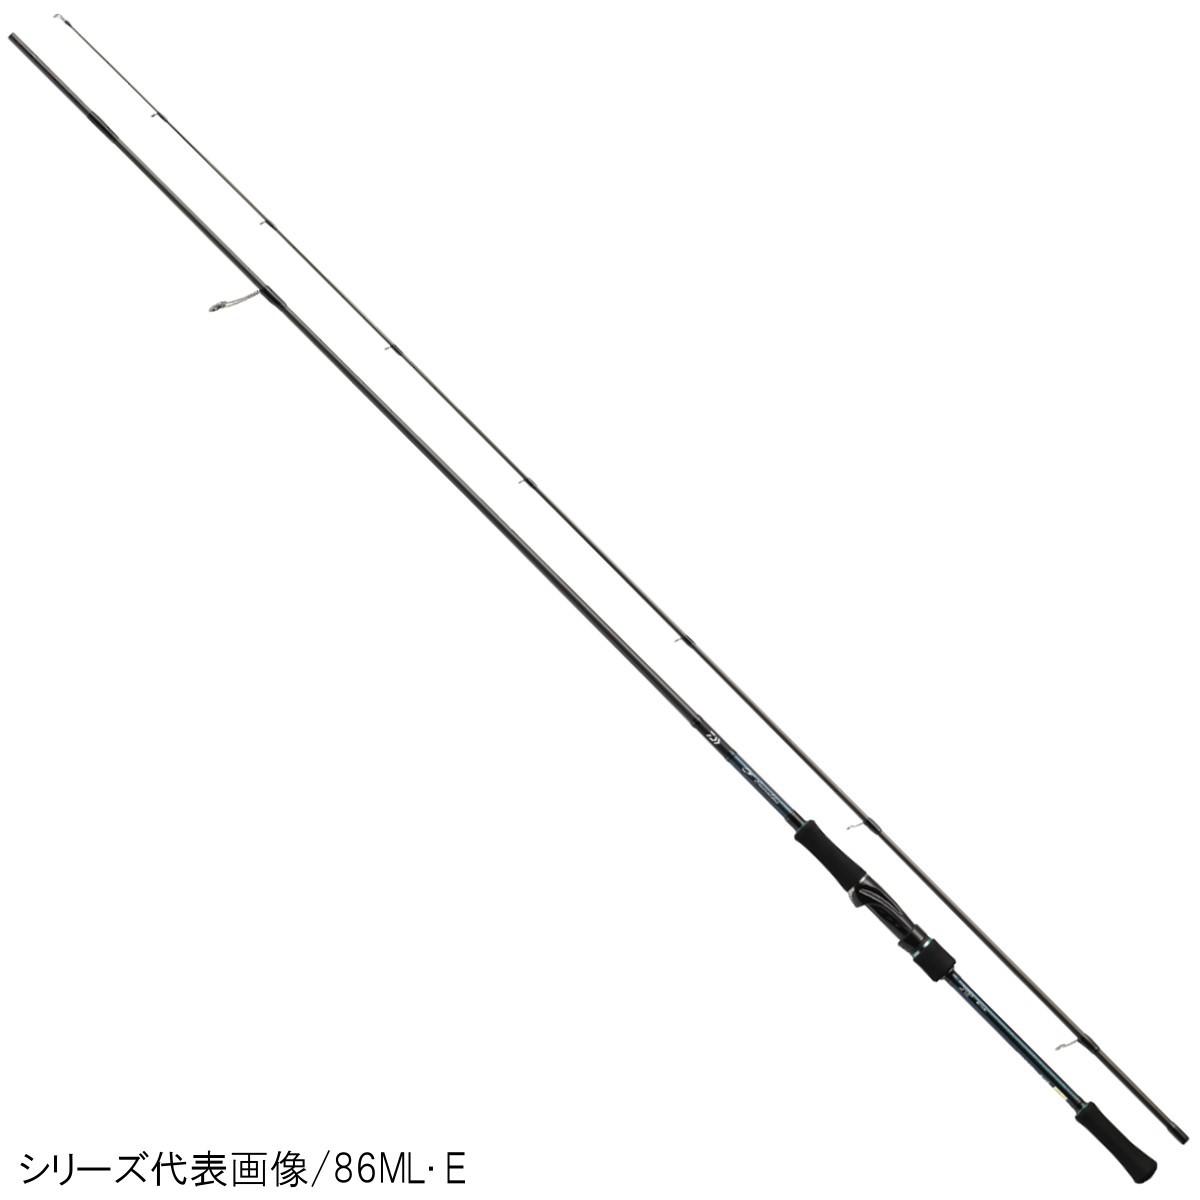 ダイワ エメラルダス MX(アウトガイドモデル) 83M・E【送料無料】